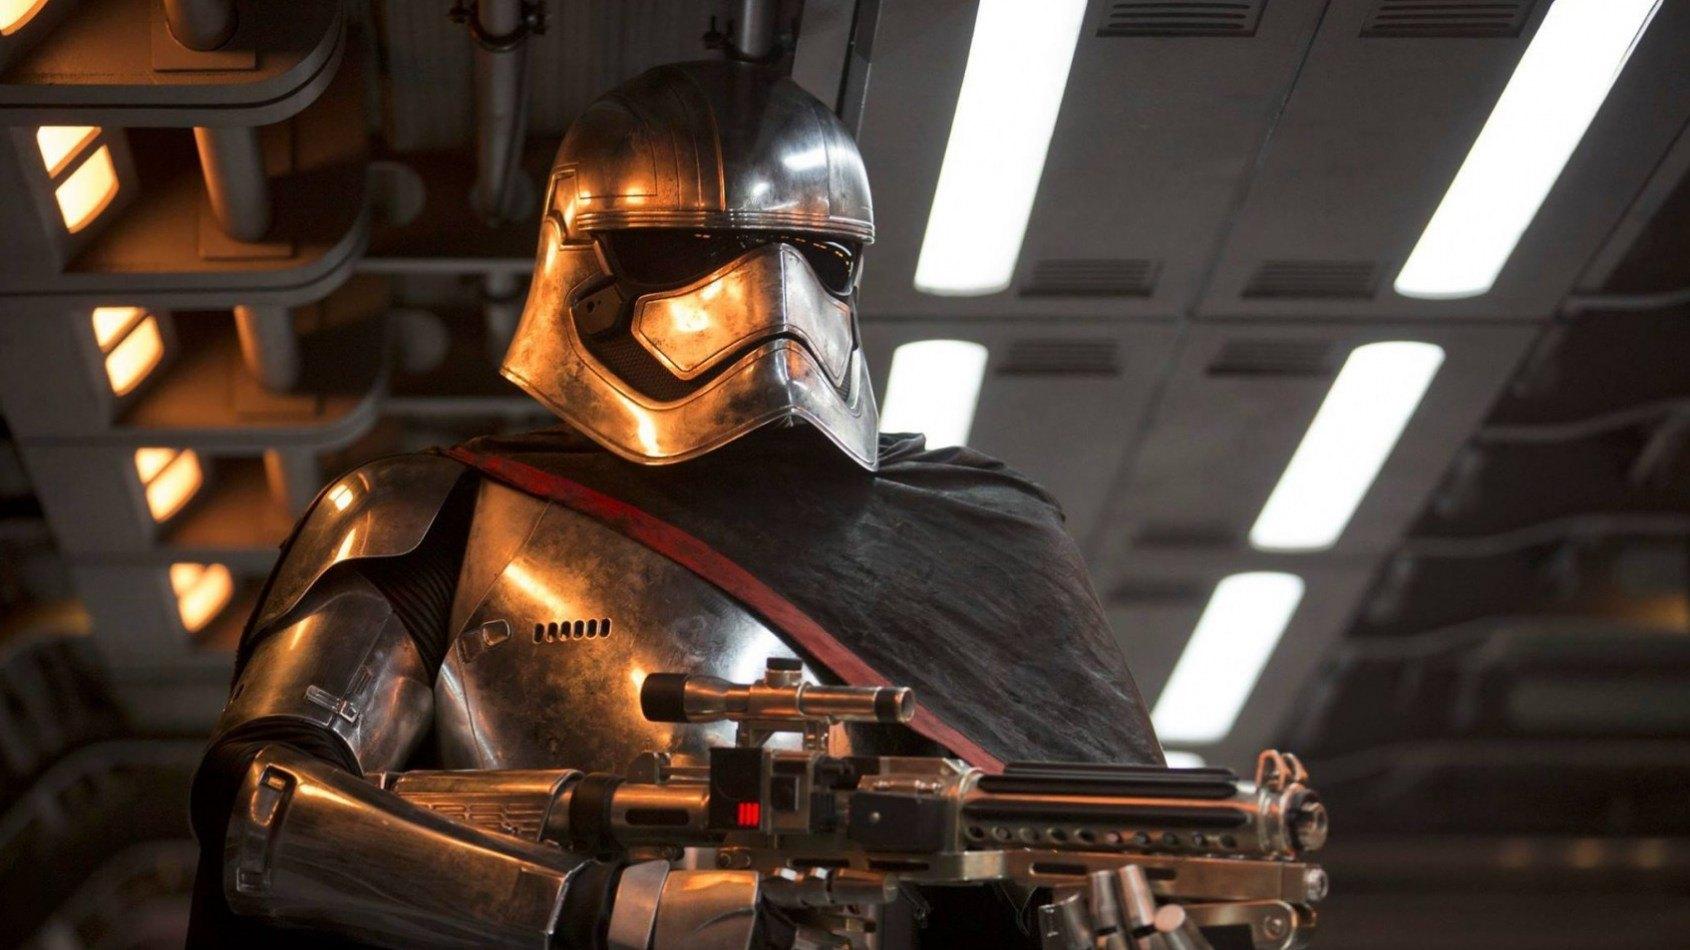 Le 3ème trailer du Réveil de la Force serait prêt